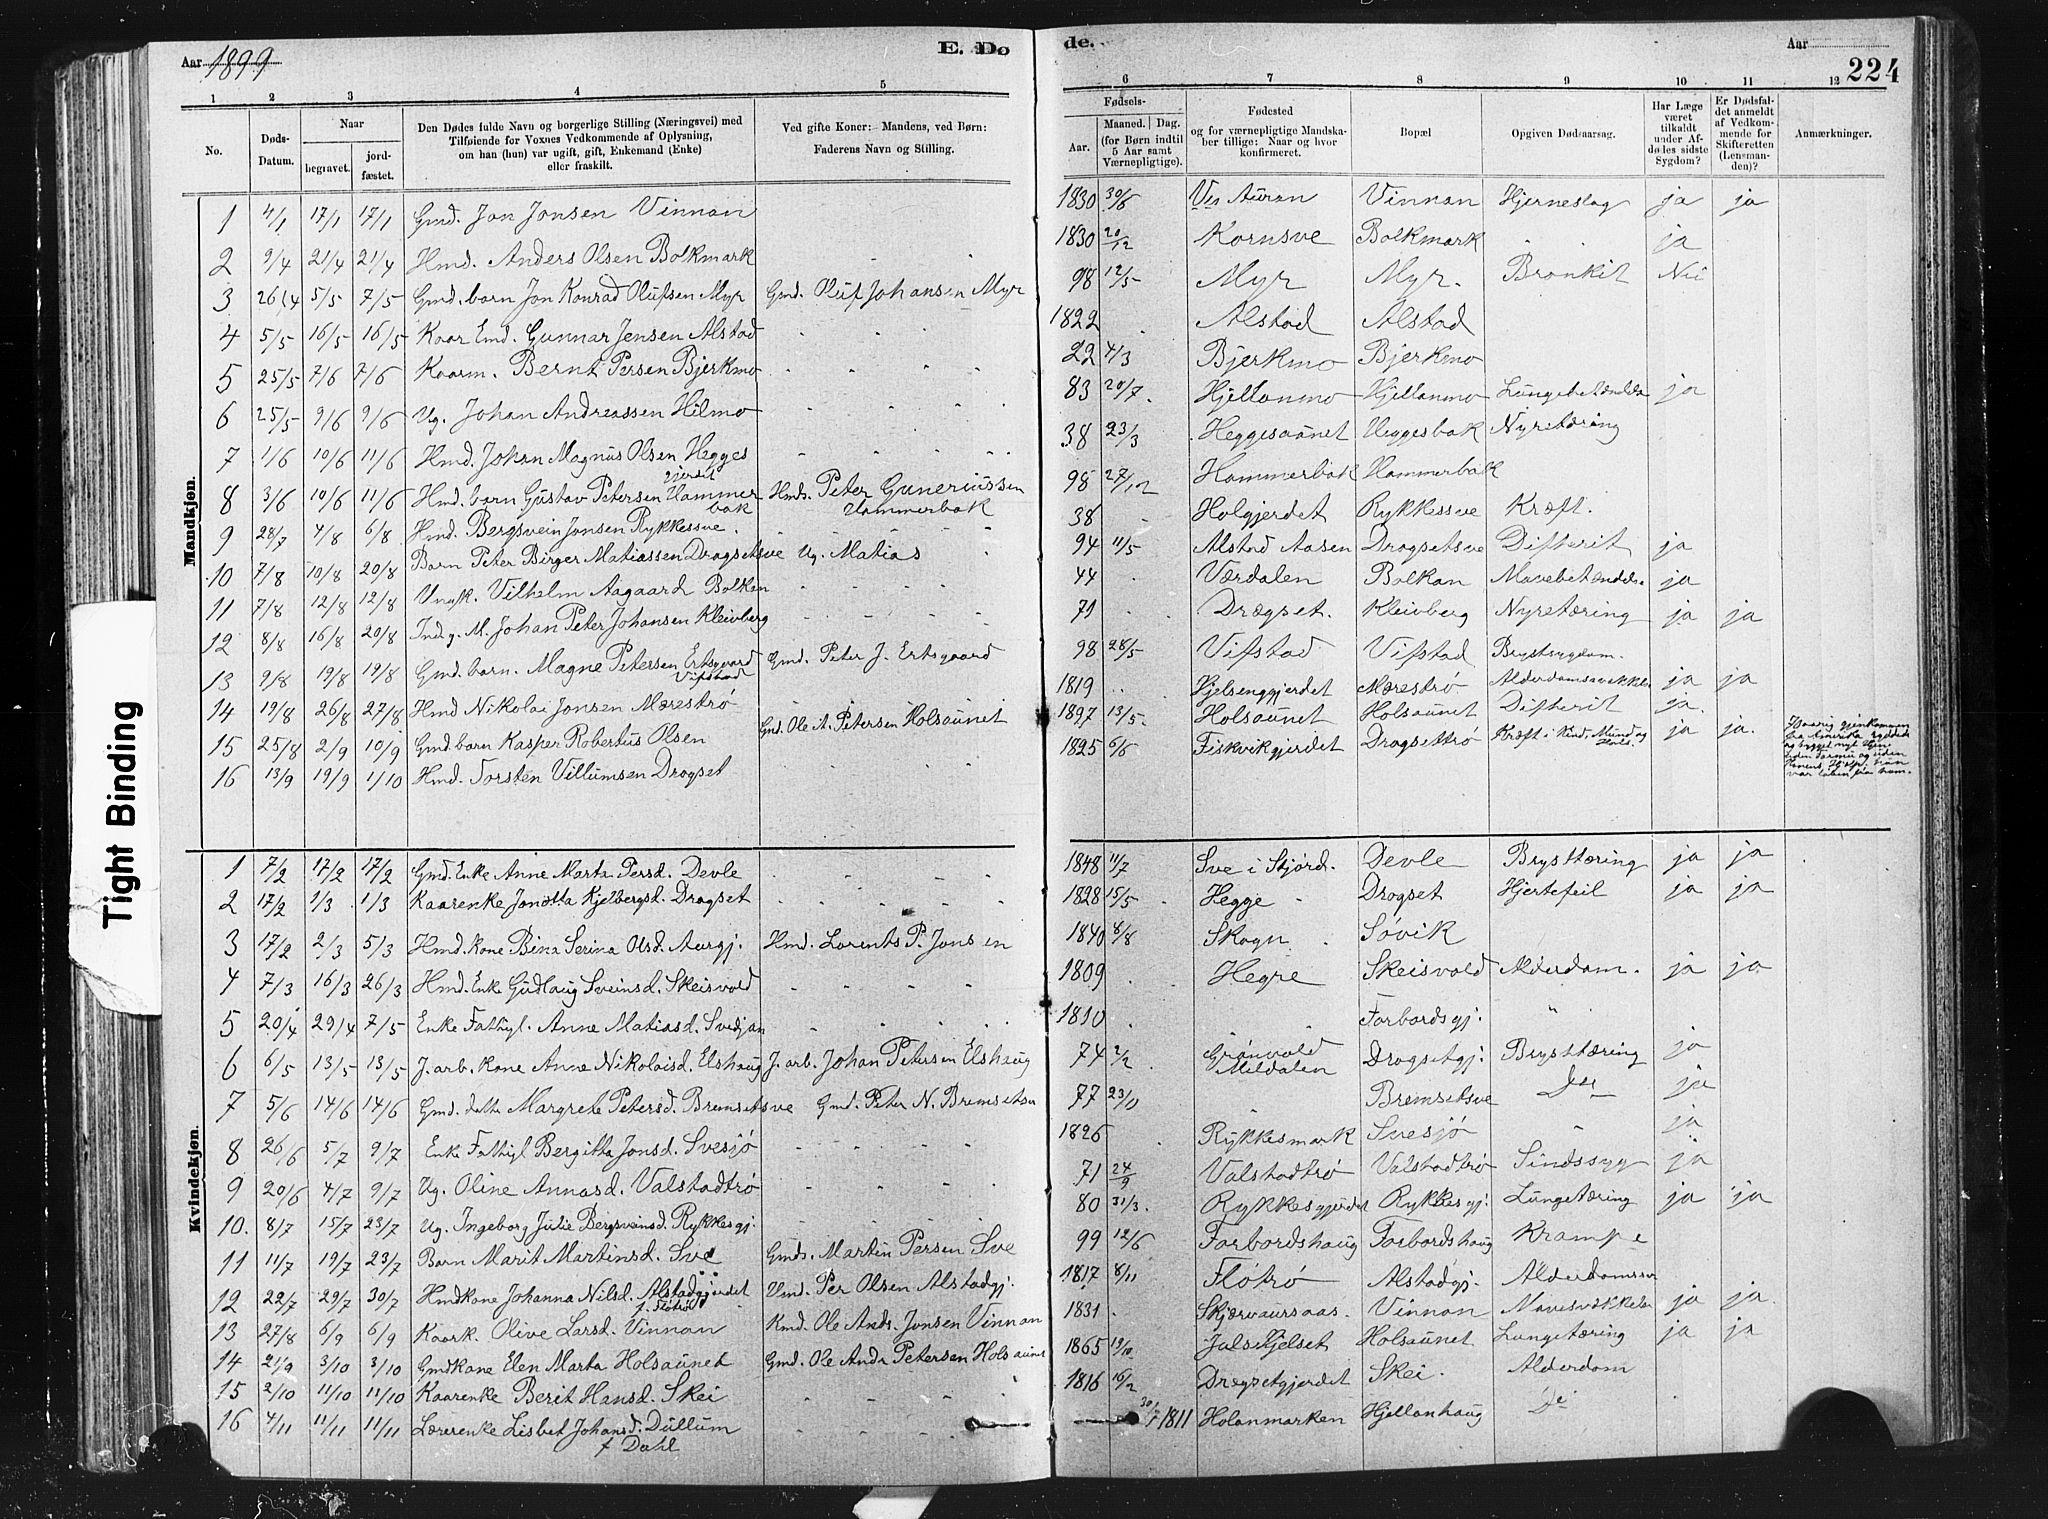 SAT, Ministerialprotokoller, klokkerbøker og fødselsregistre - Nord-Trøndelag, 712/L0103: Klokkerbok nr. 712C01, 1878-1917, s. 224